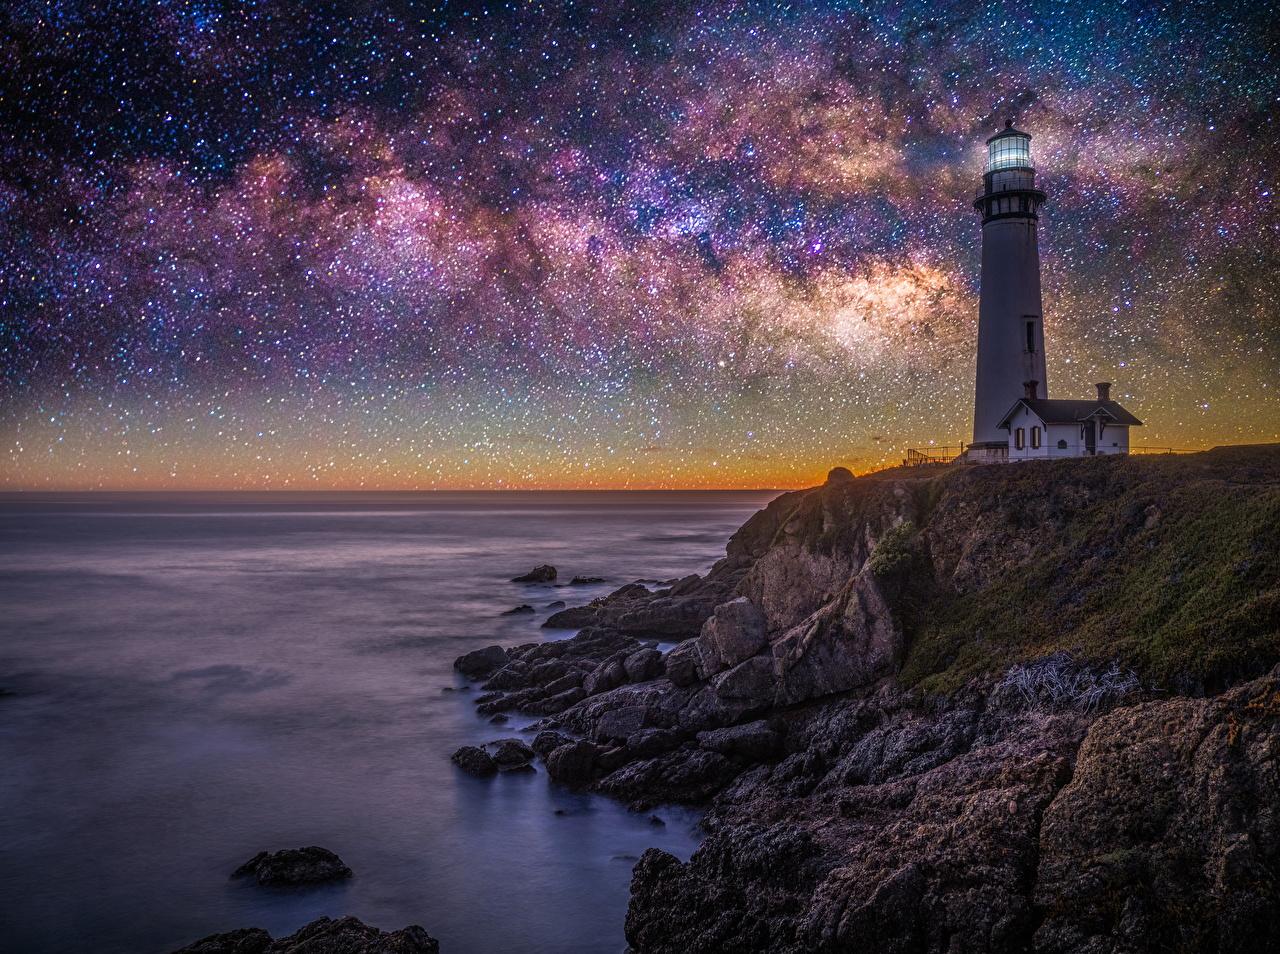 Картинки Калифорния штаты Звезды Pigeon Point lighthouse Маяки Природа ночью Побережье калифорнии США америка маяк Ночь берег в ночи Ночные